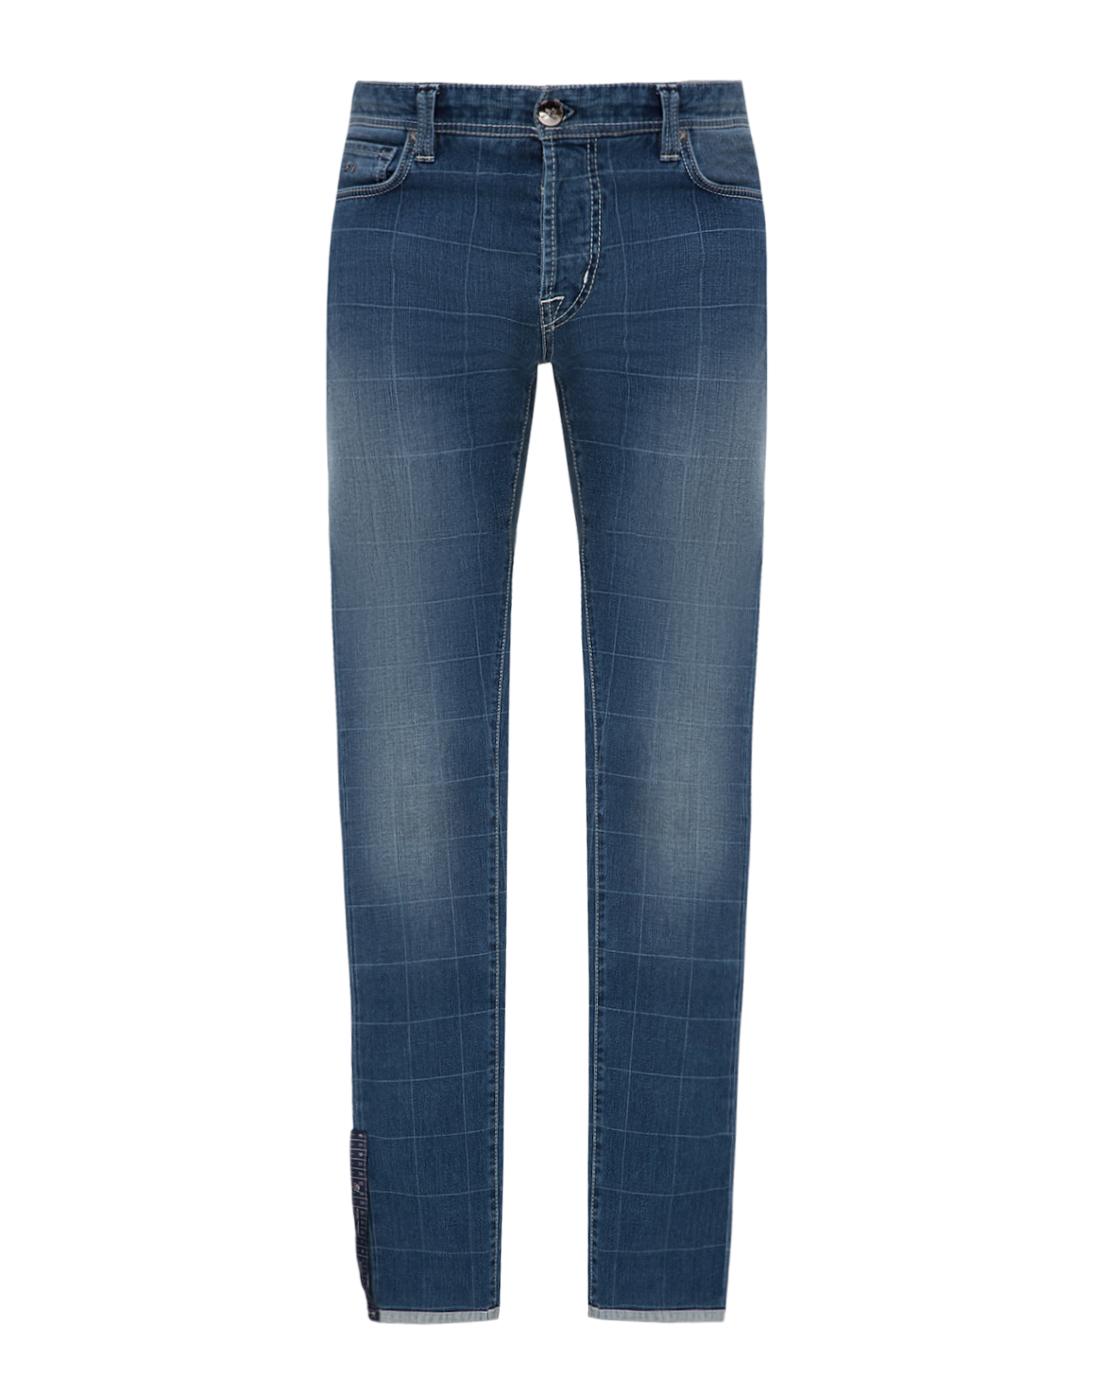 Мужские синие джинсы Leonardo Tramarossa SD361 L2-1